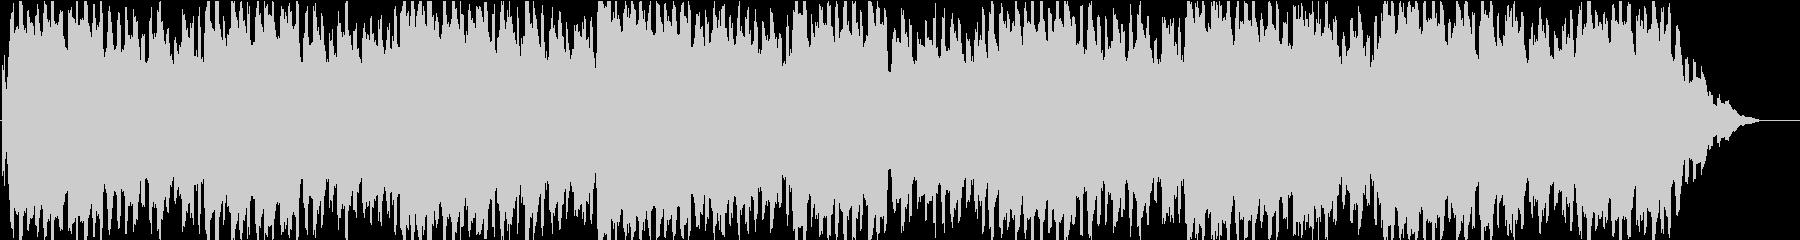 ホラー用の曲の未再生の波形